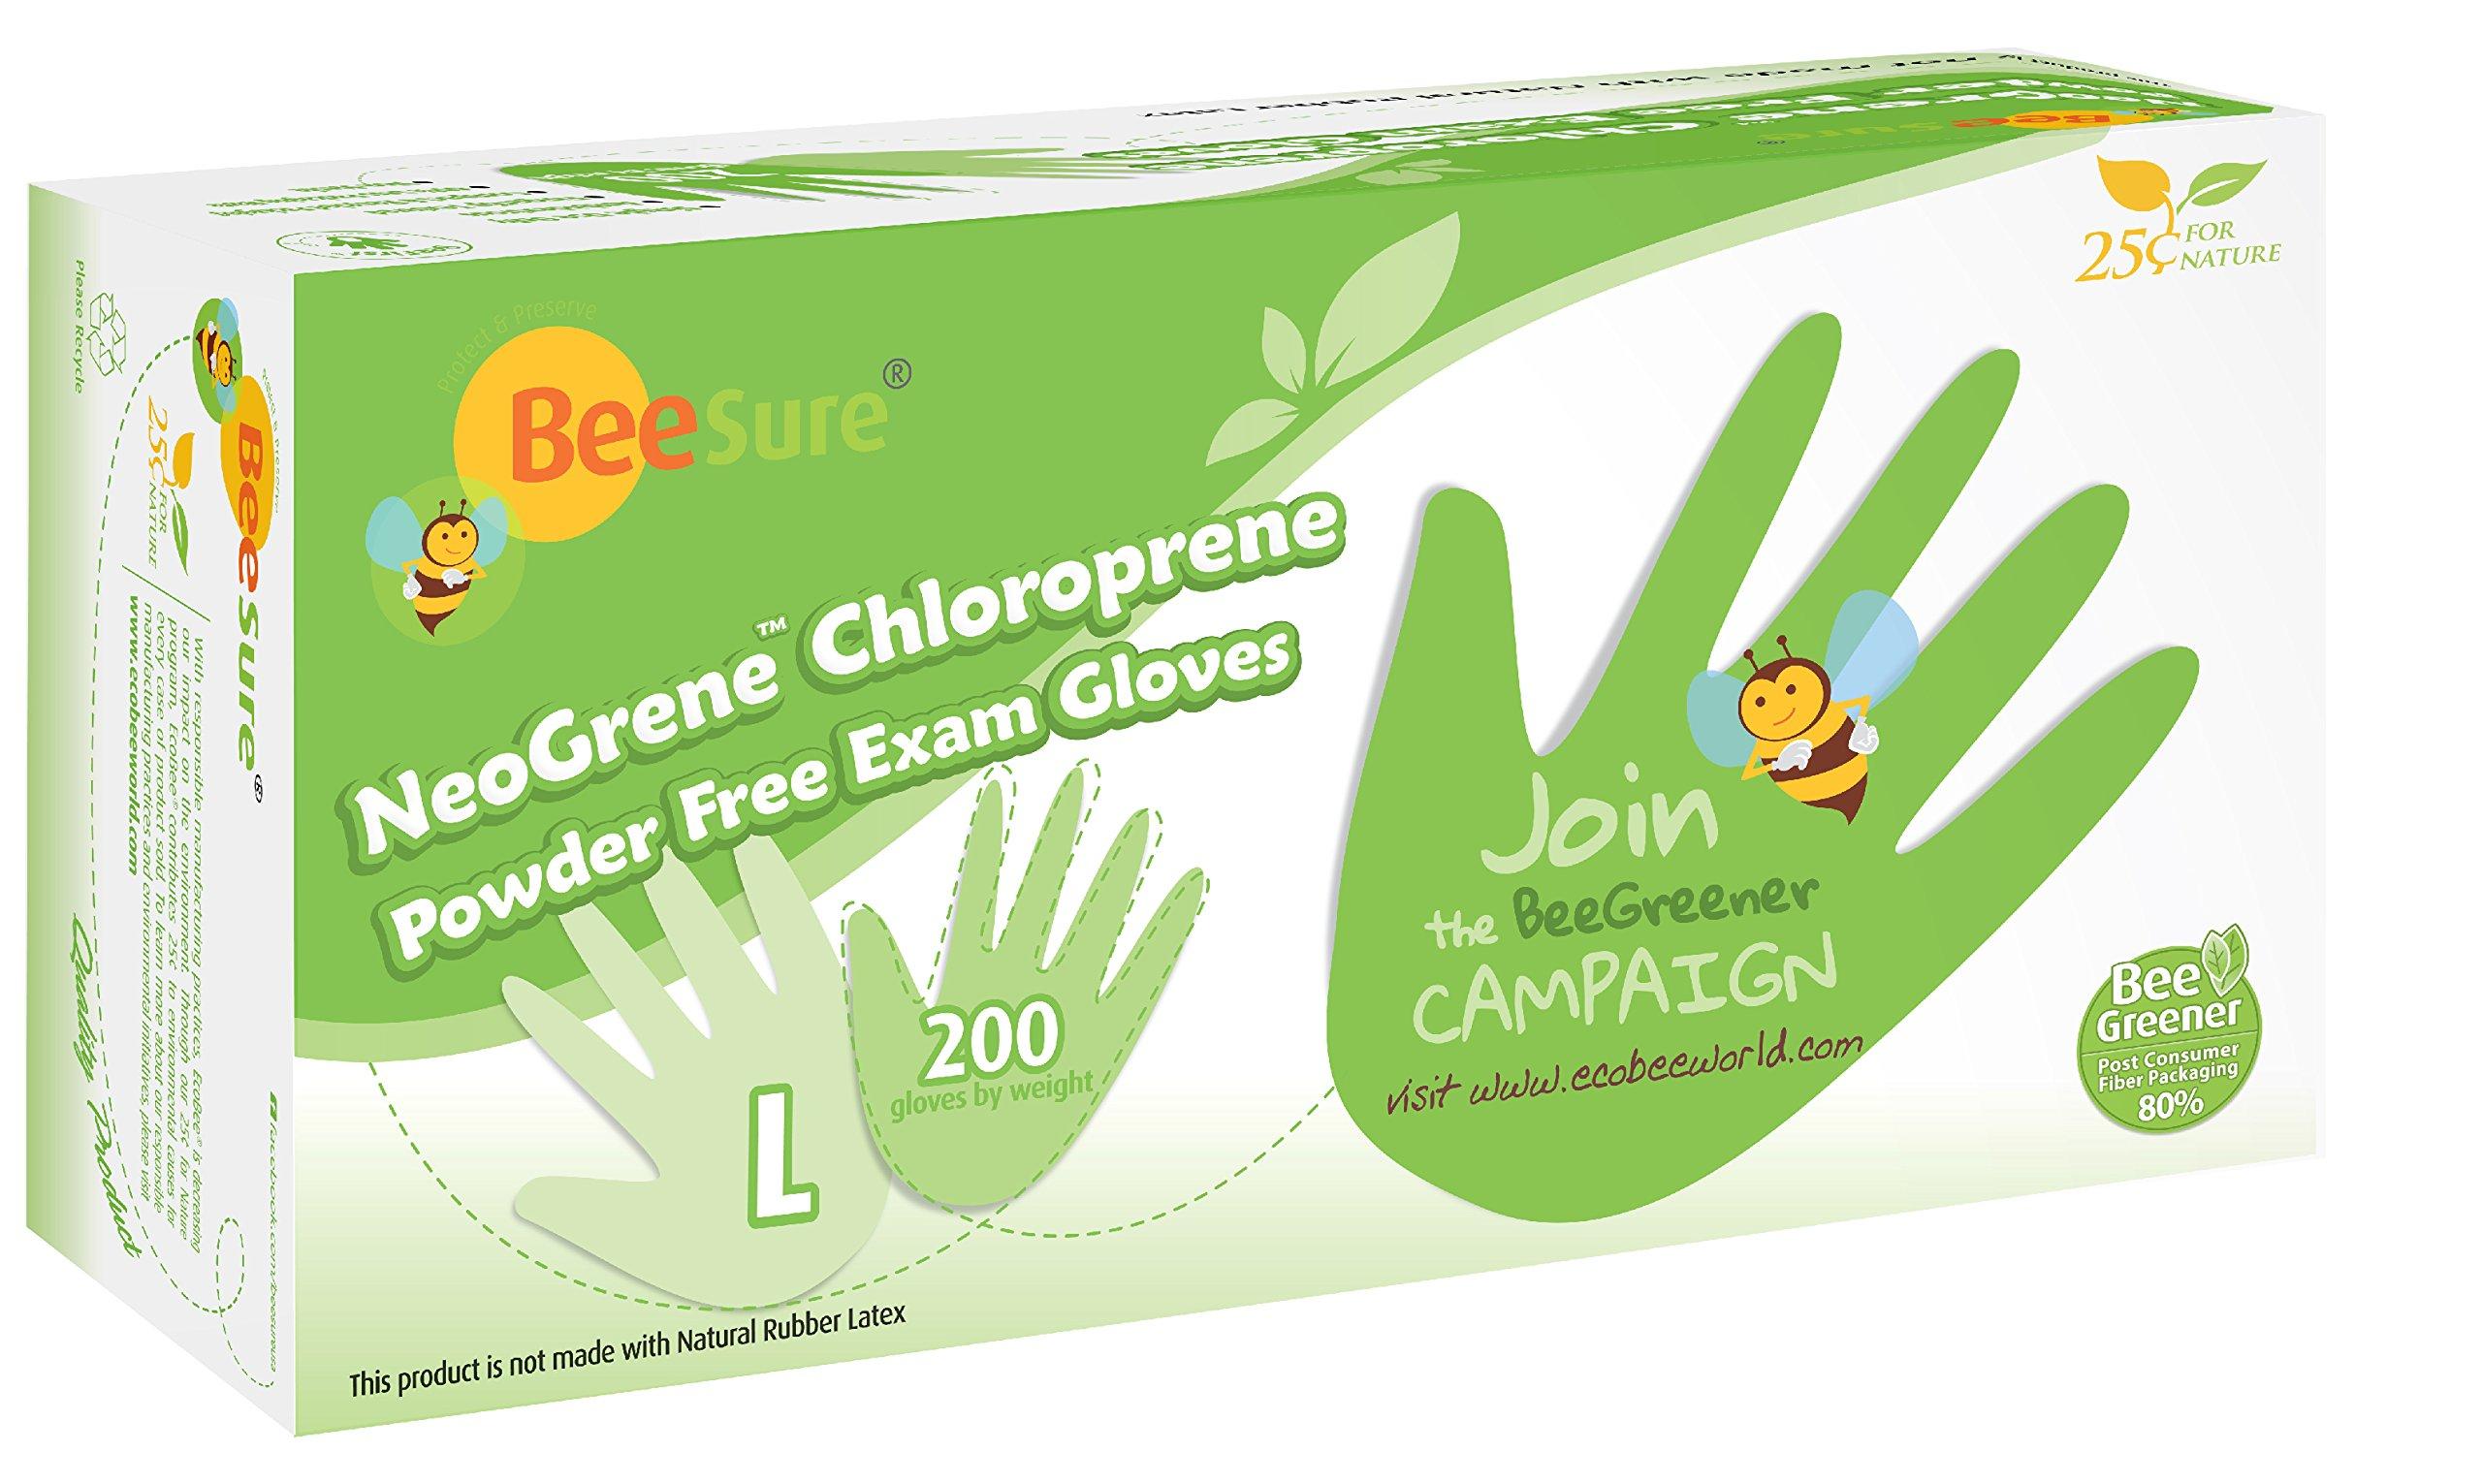 BeeSure BE1188 NeoGrene Chloroprene Powder Free Exam Gloves, Large, Lime Green (Pack of 200)